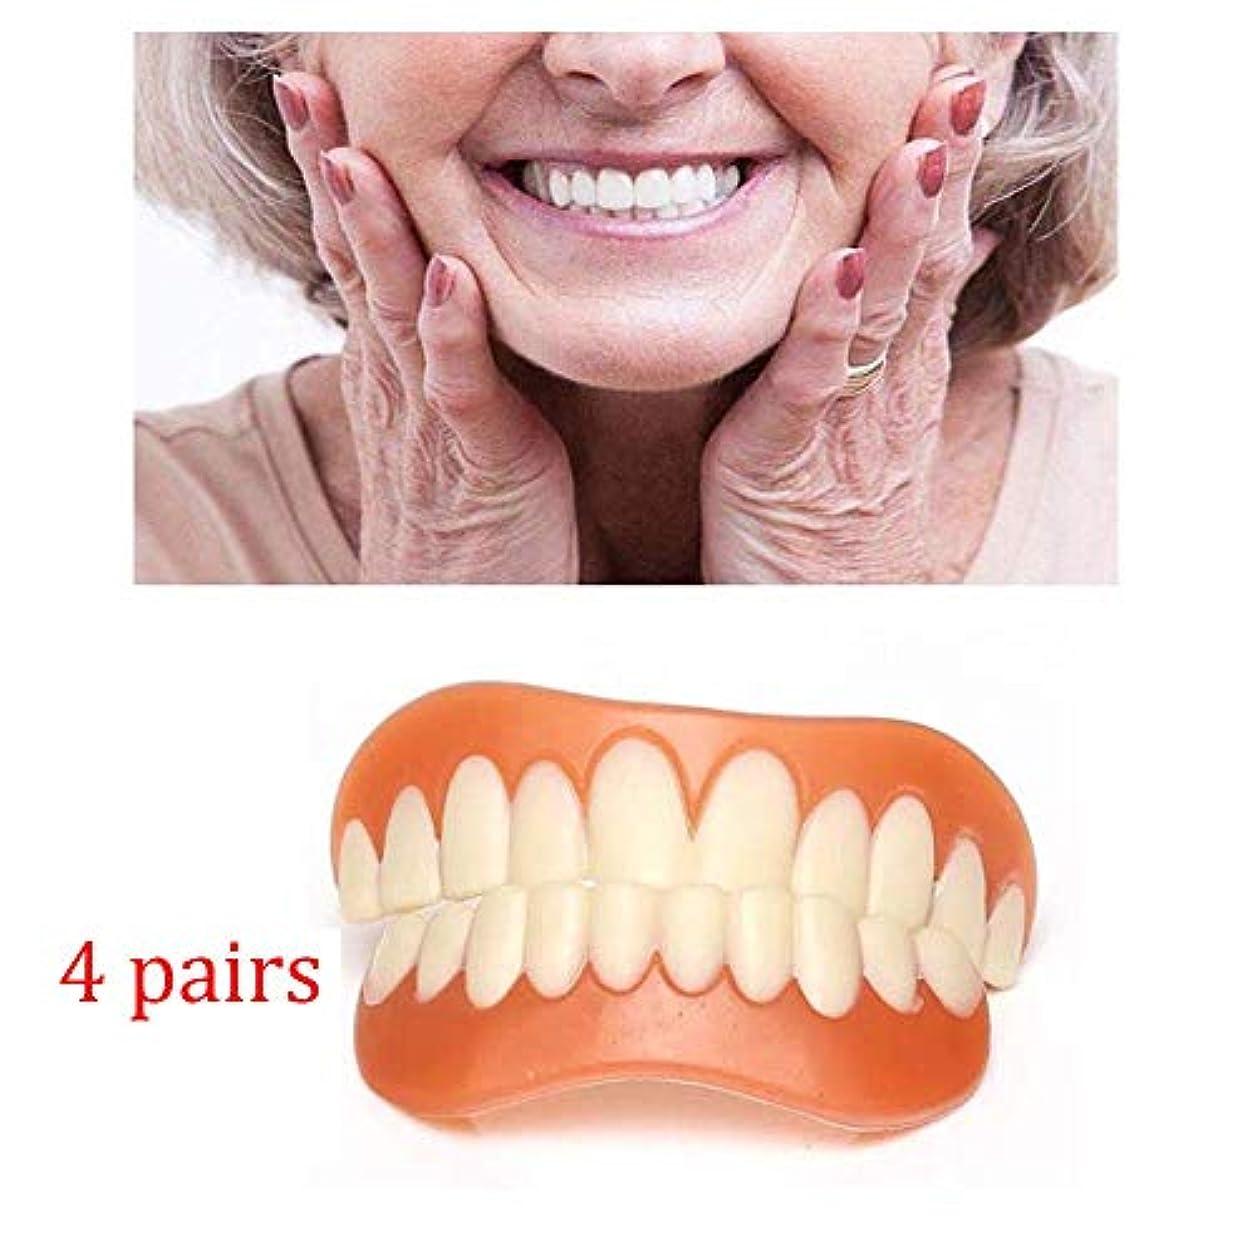 アンペア証明書アンペアインスタント笑顔歯4対上下の白い歯の列セット義歯セットベニヤフレックス義歯パーフェクトフィットペーストツール